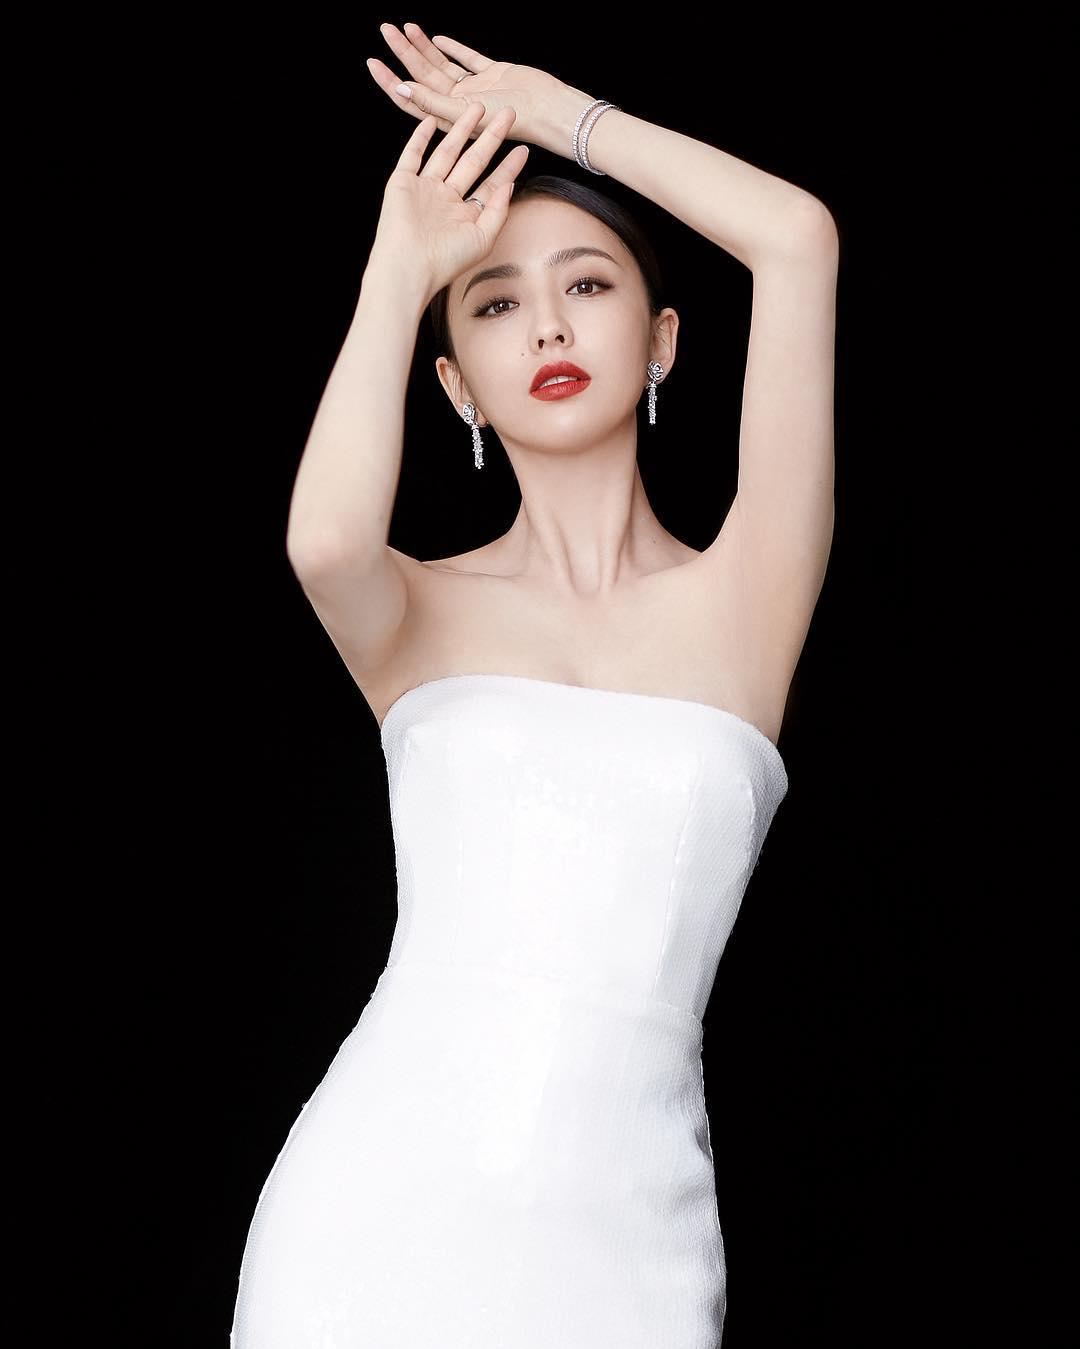 mỹ nhân tân cương - đồng lệ á diện váy trắng